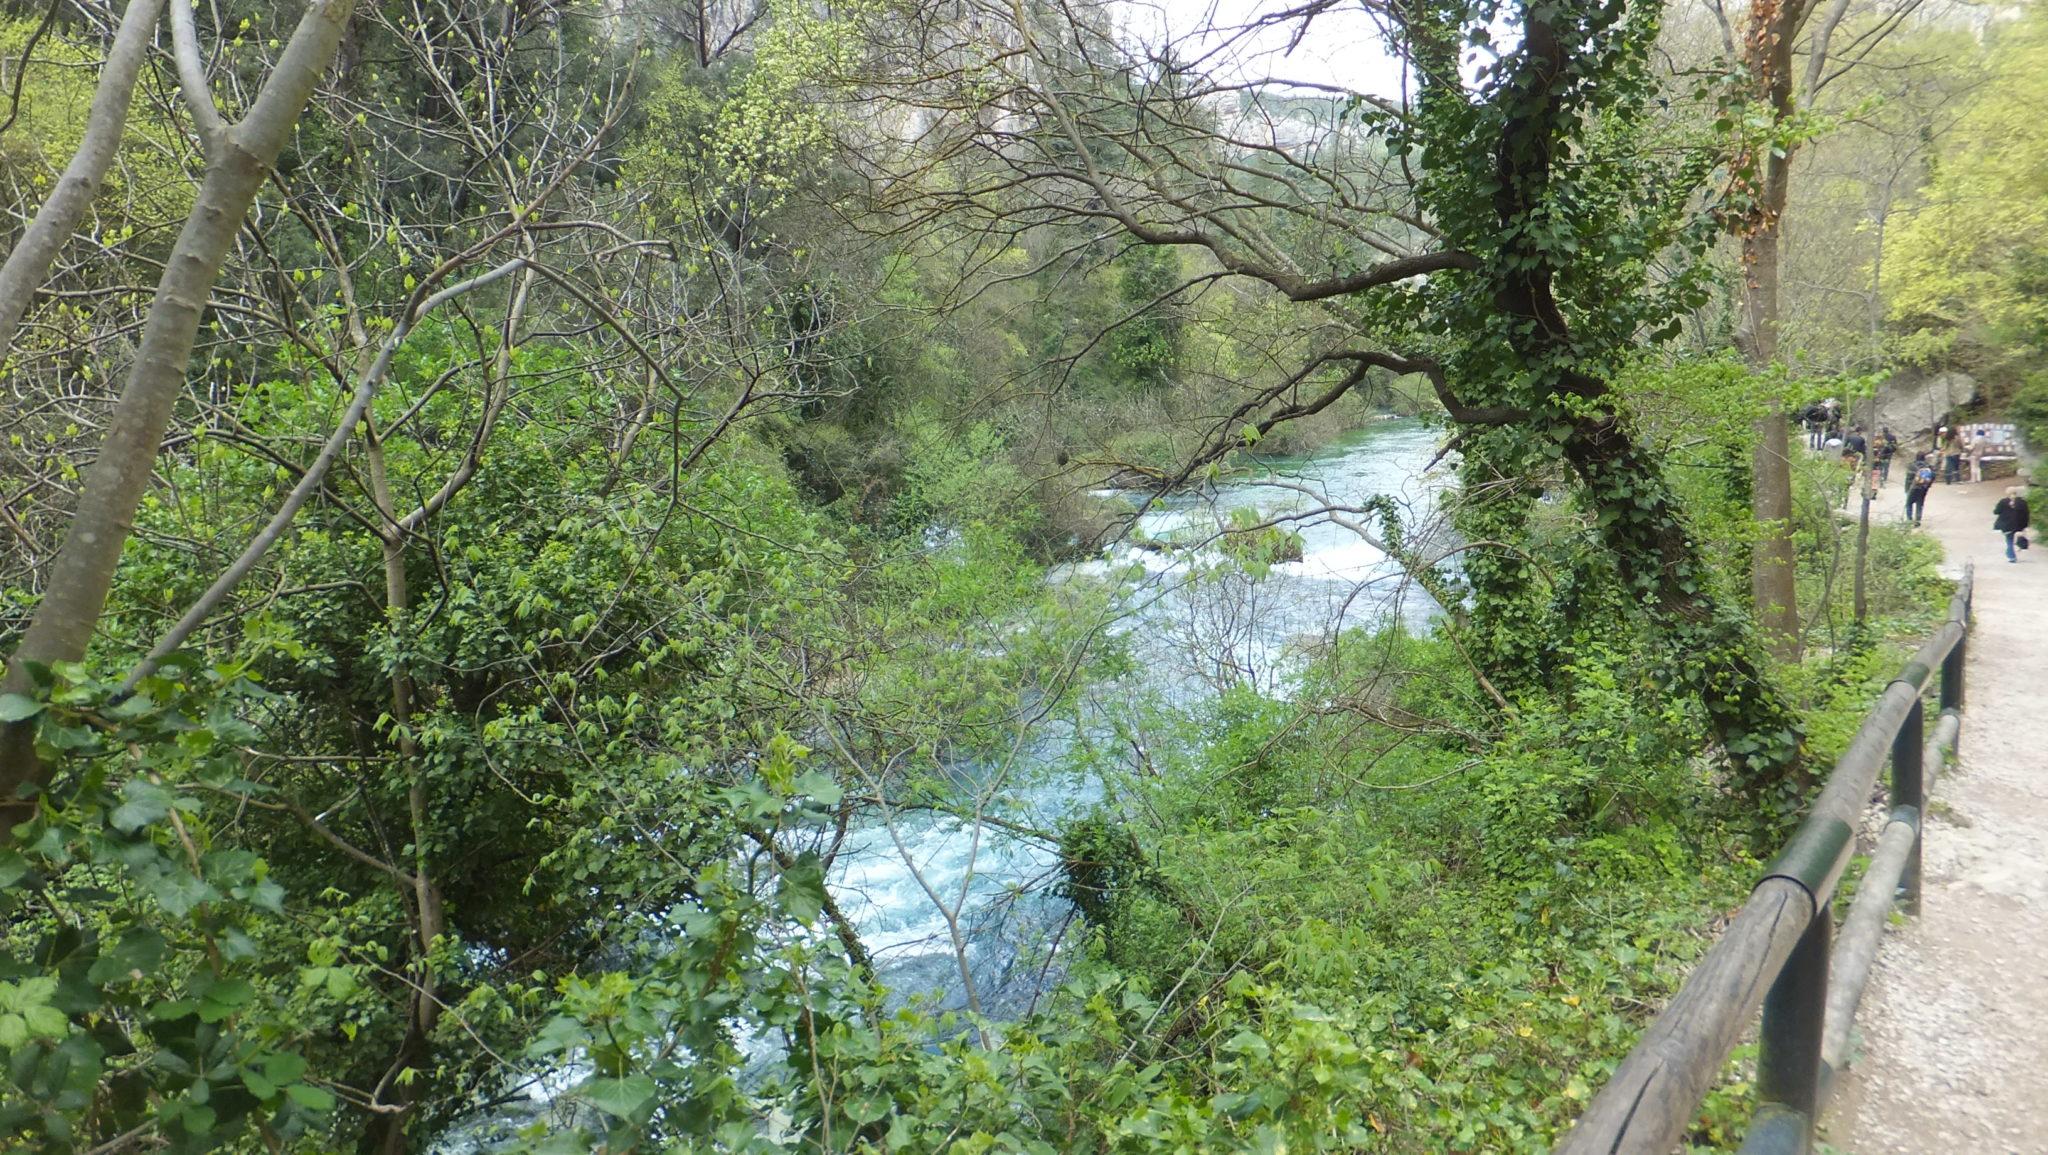 Fontaine de Vaucluse en la Provence